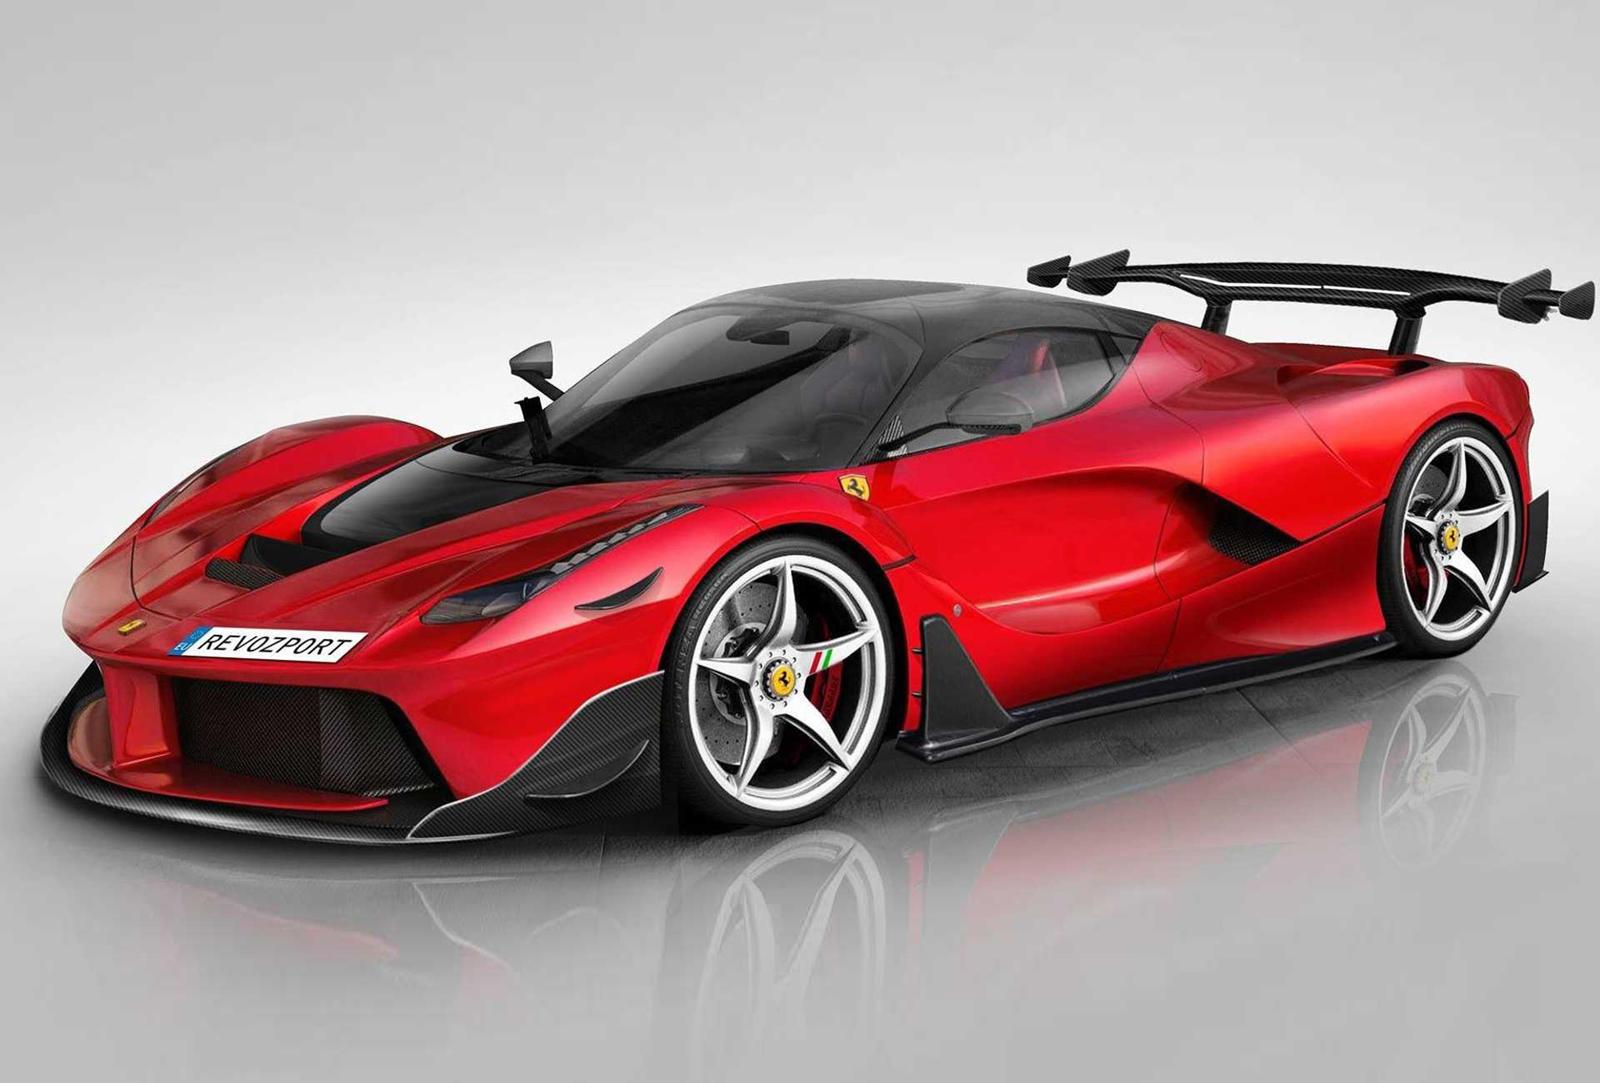 Ferrari Owner Gets Revozport Bodykit for his LaFerrari - GTspirit